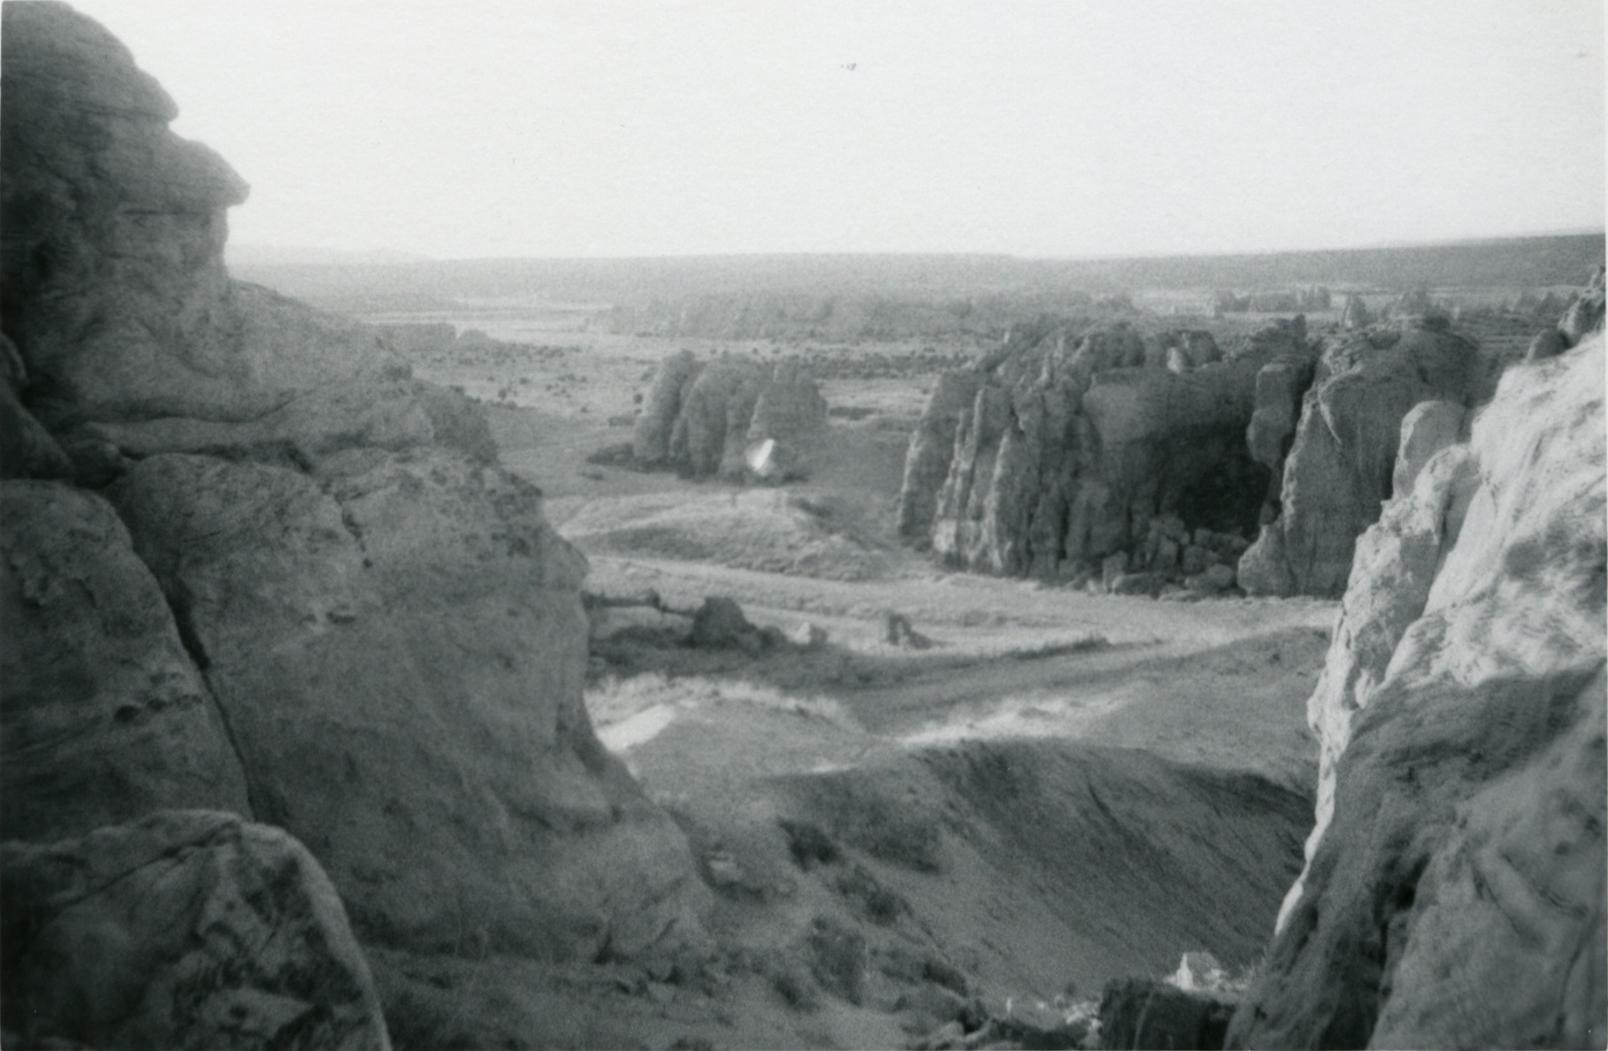 Sem título (vale em um desfiladeiro), c. 1969-1973